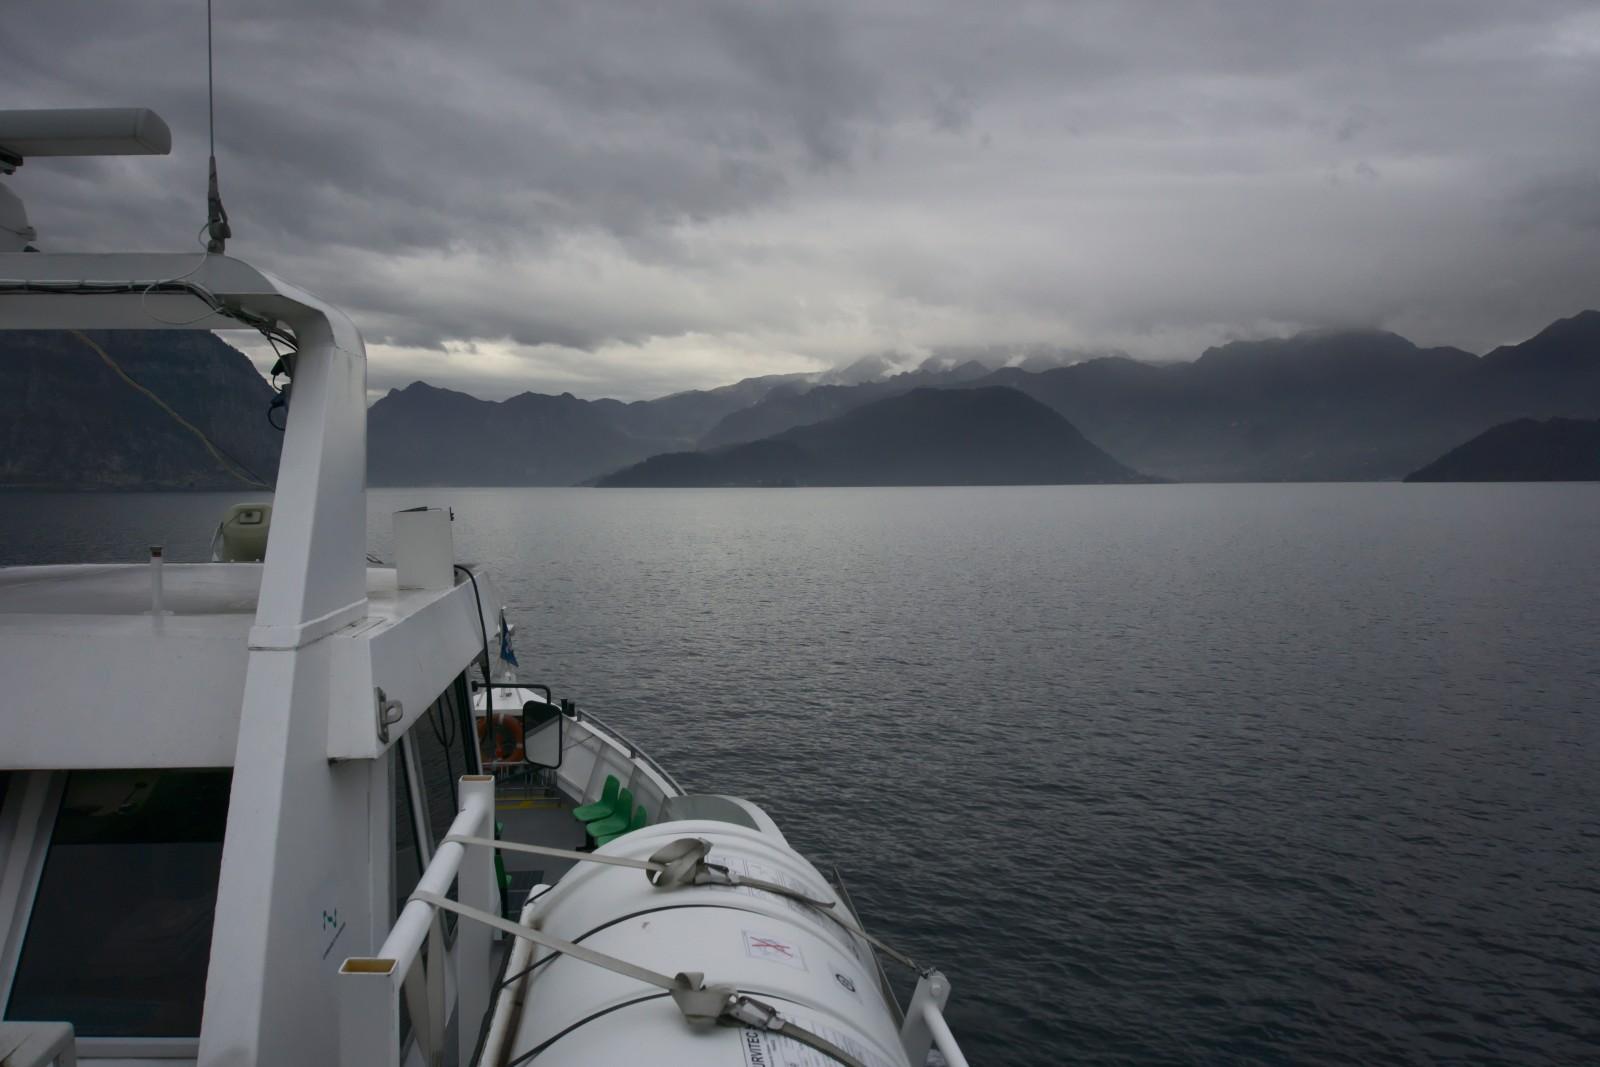 Cestou na Monte Isola